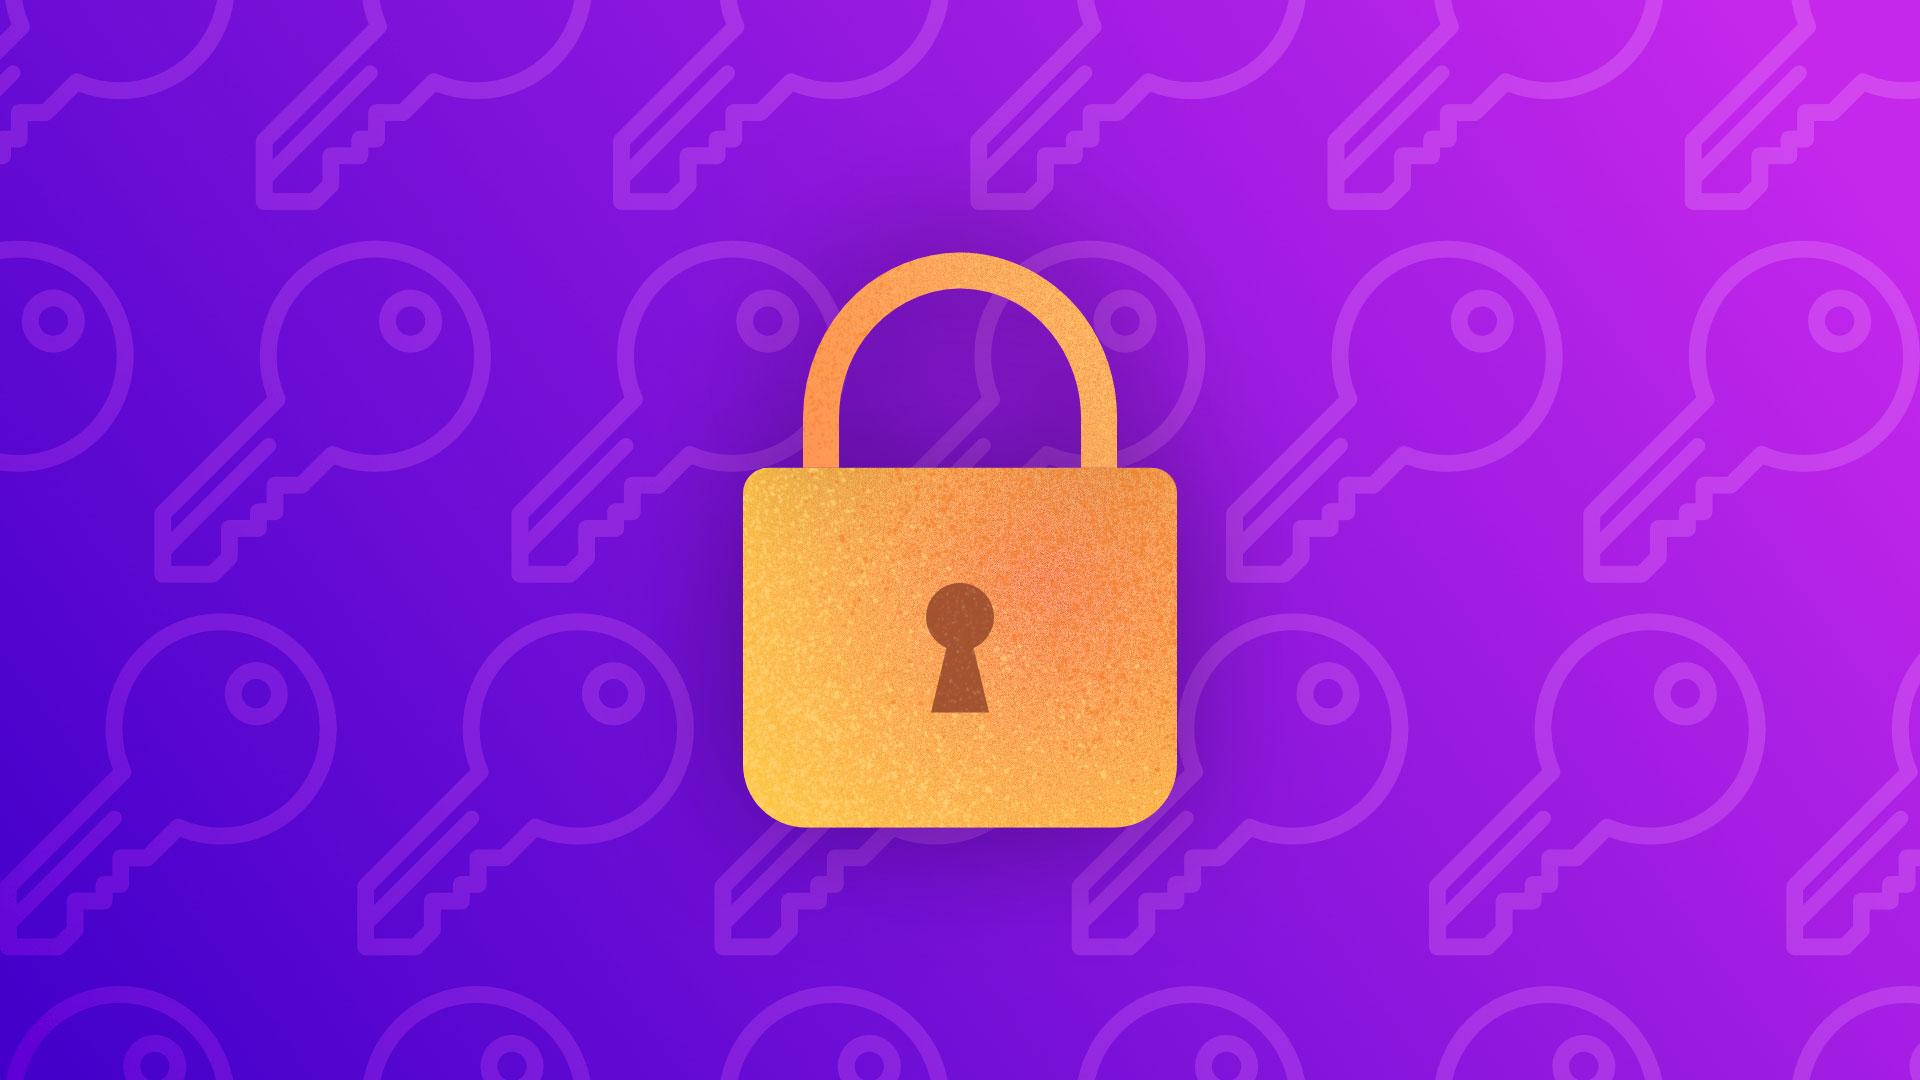 HTTPS: à l'avenir, Google Chrome sécurisera directement la connexion aux sites